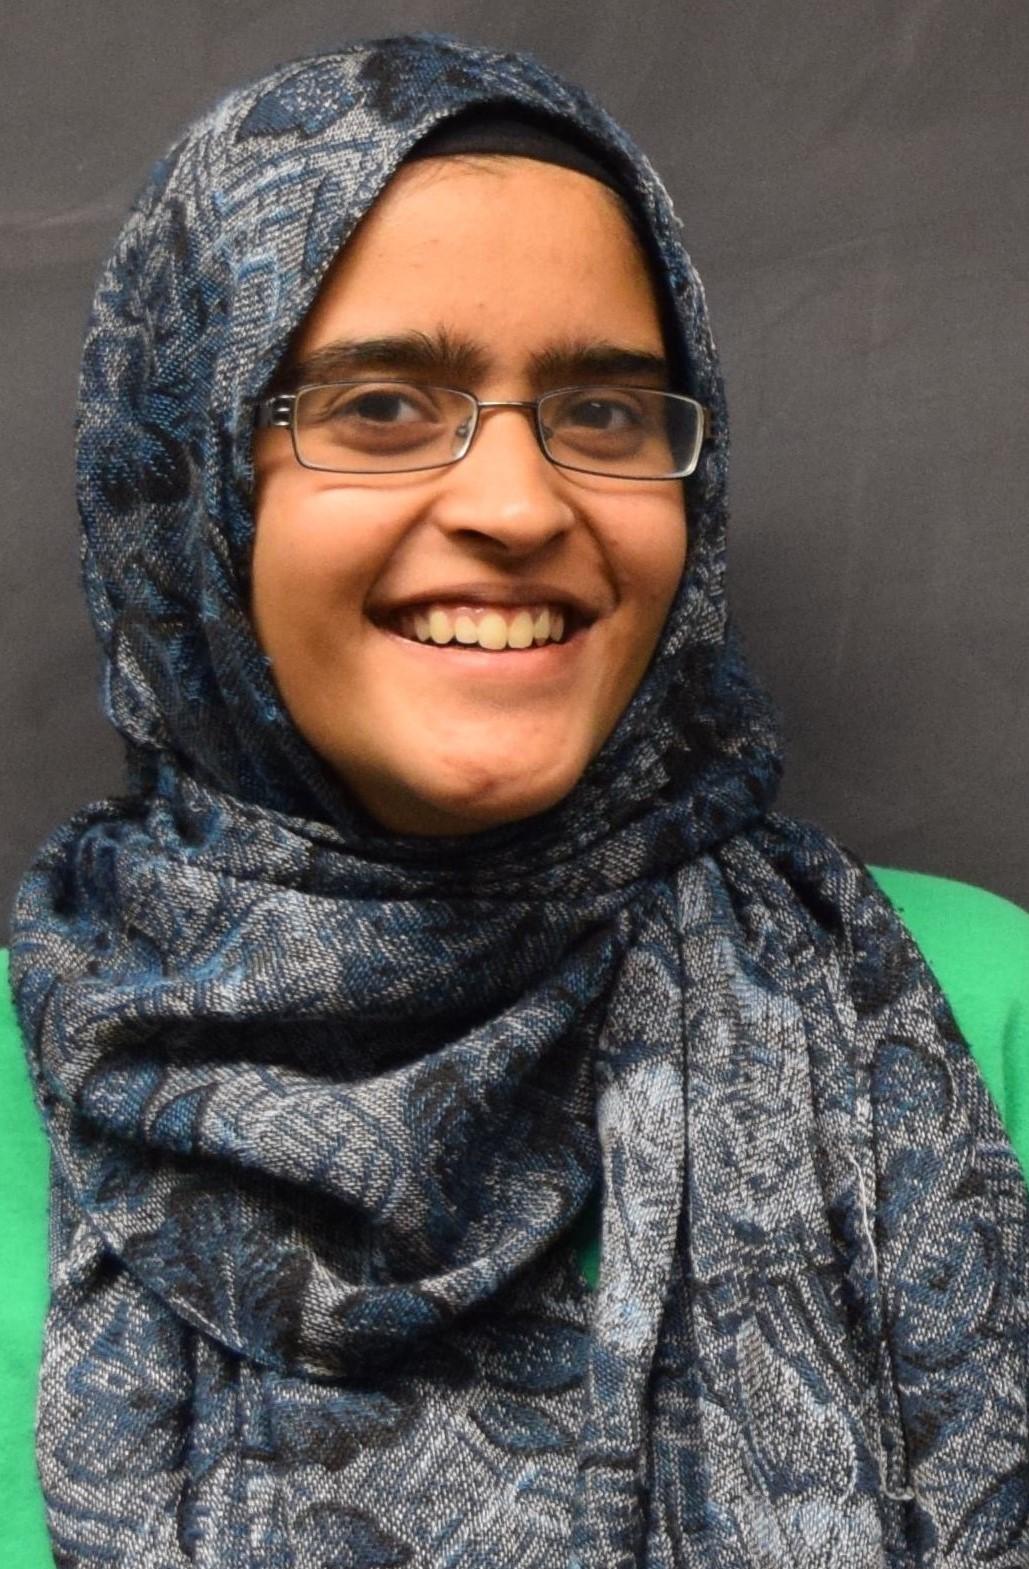 Zainab Abdali